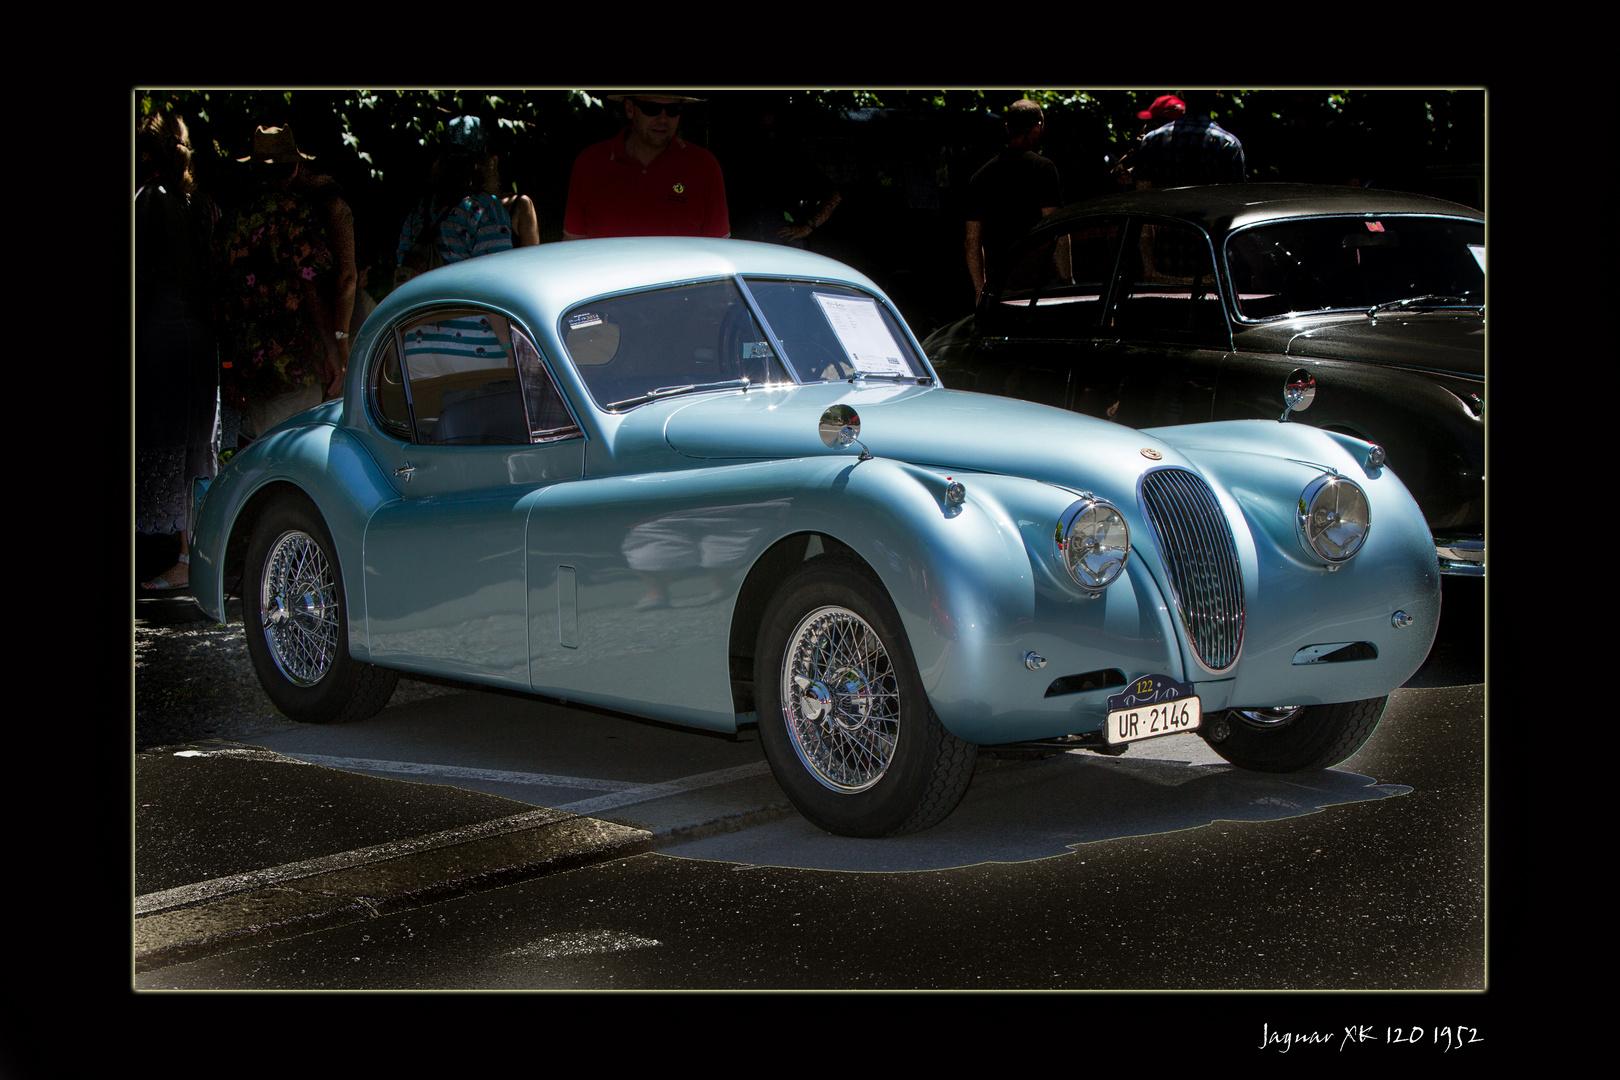 Jaguar XK 120 1952